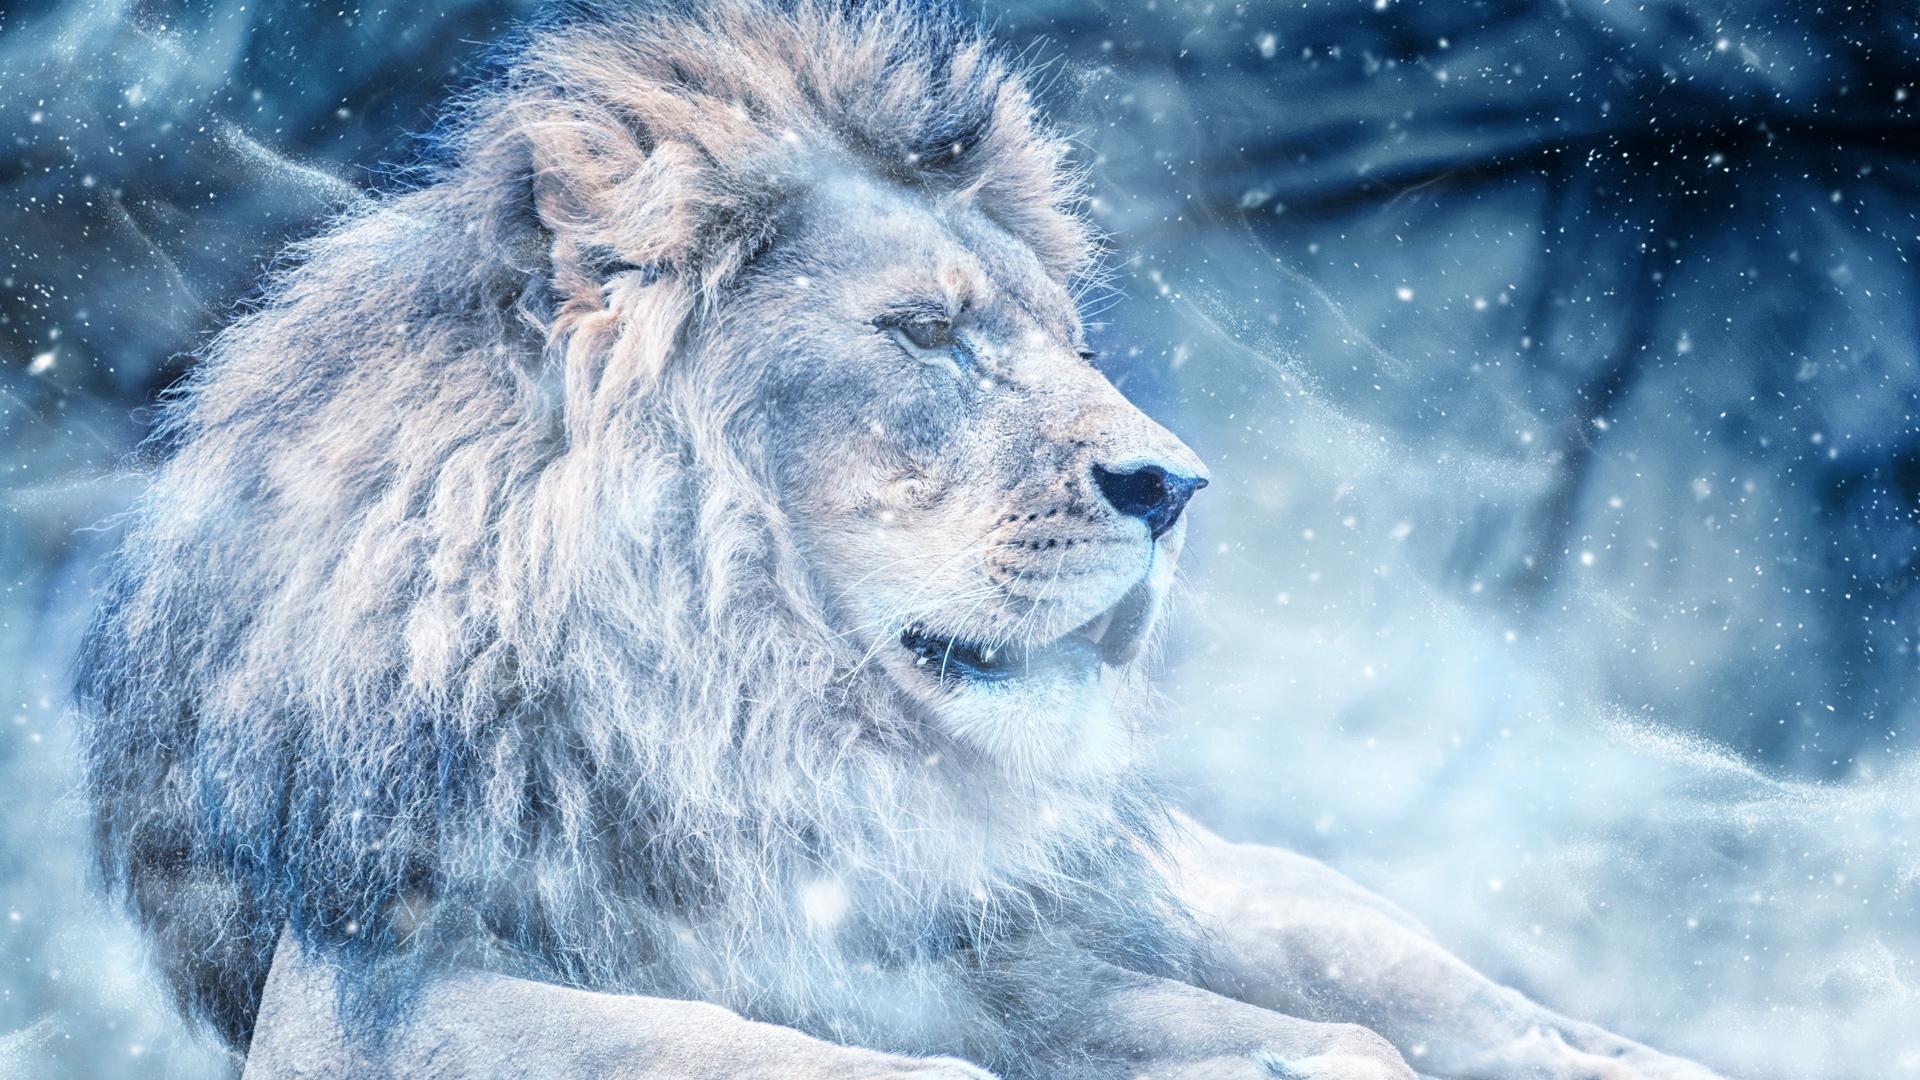 Hình nền sư tử trắng